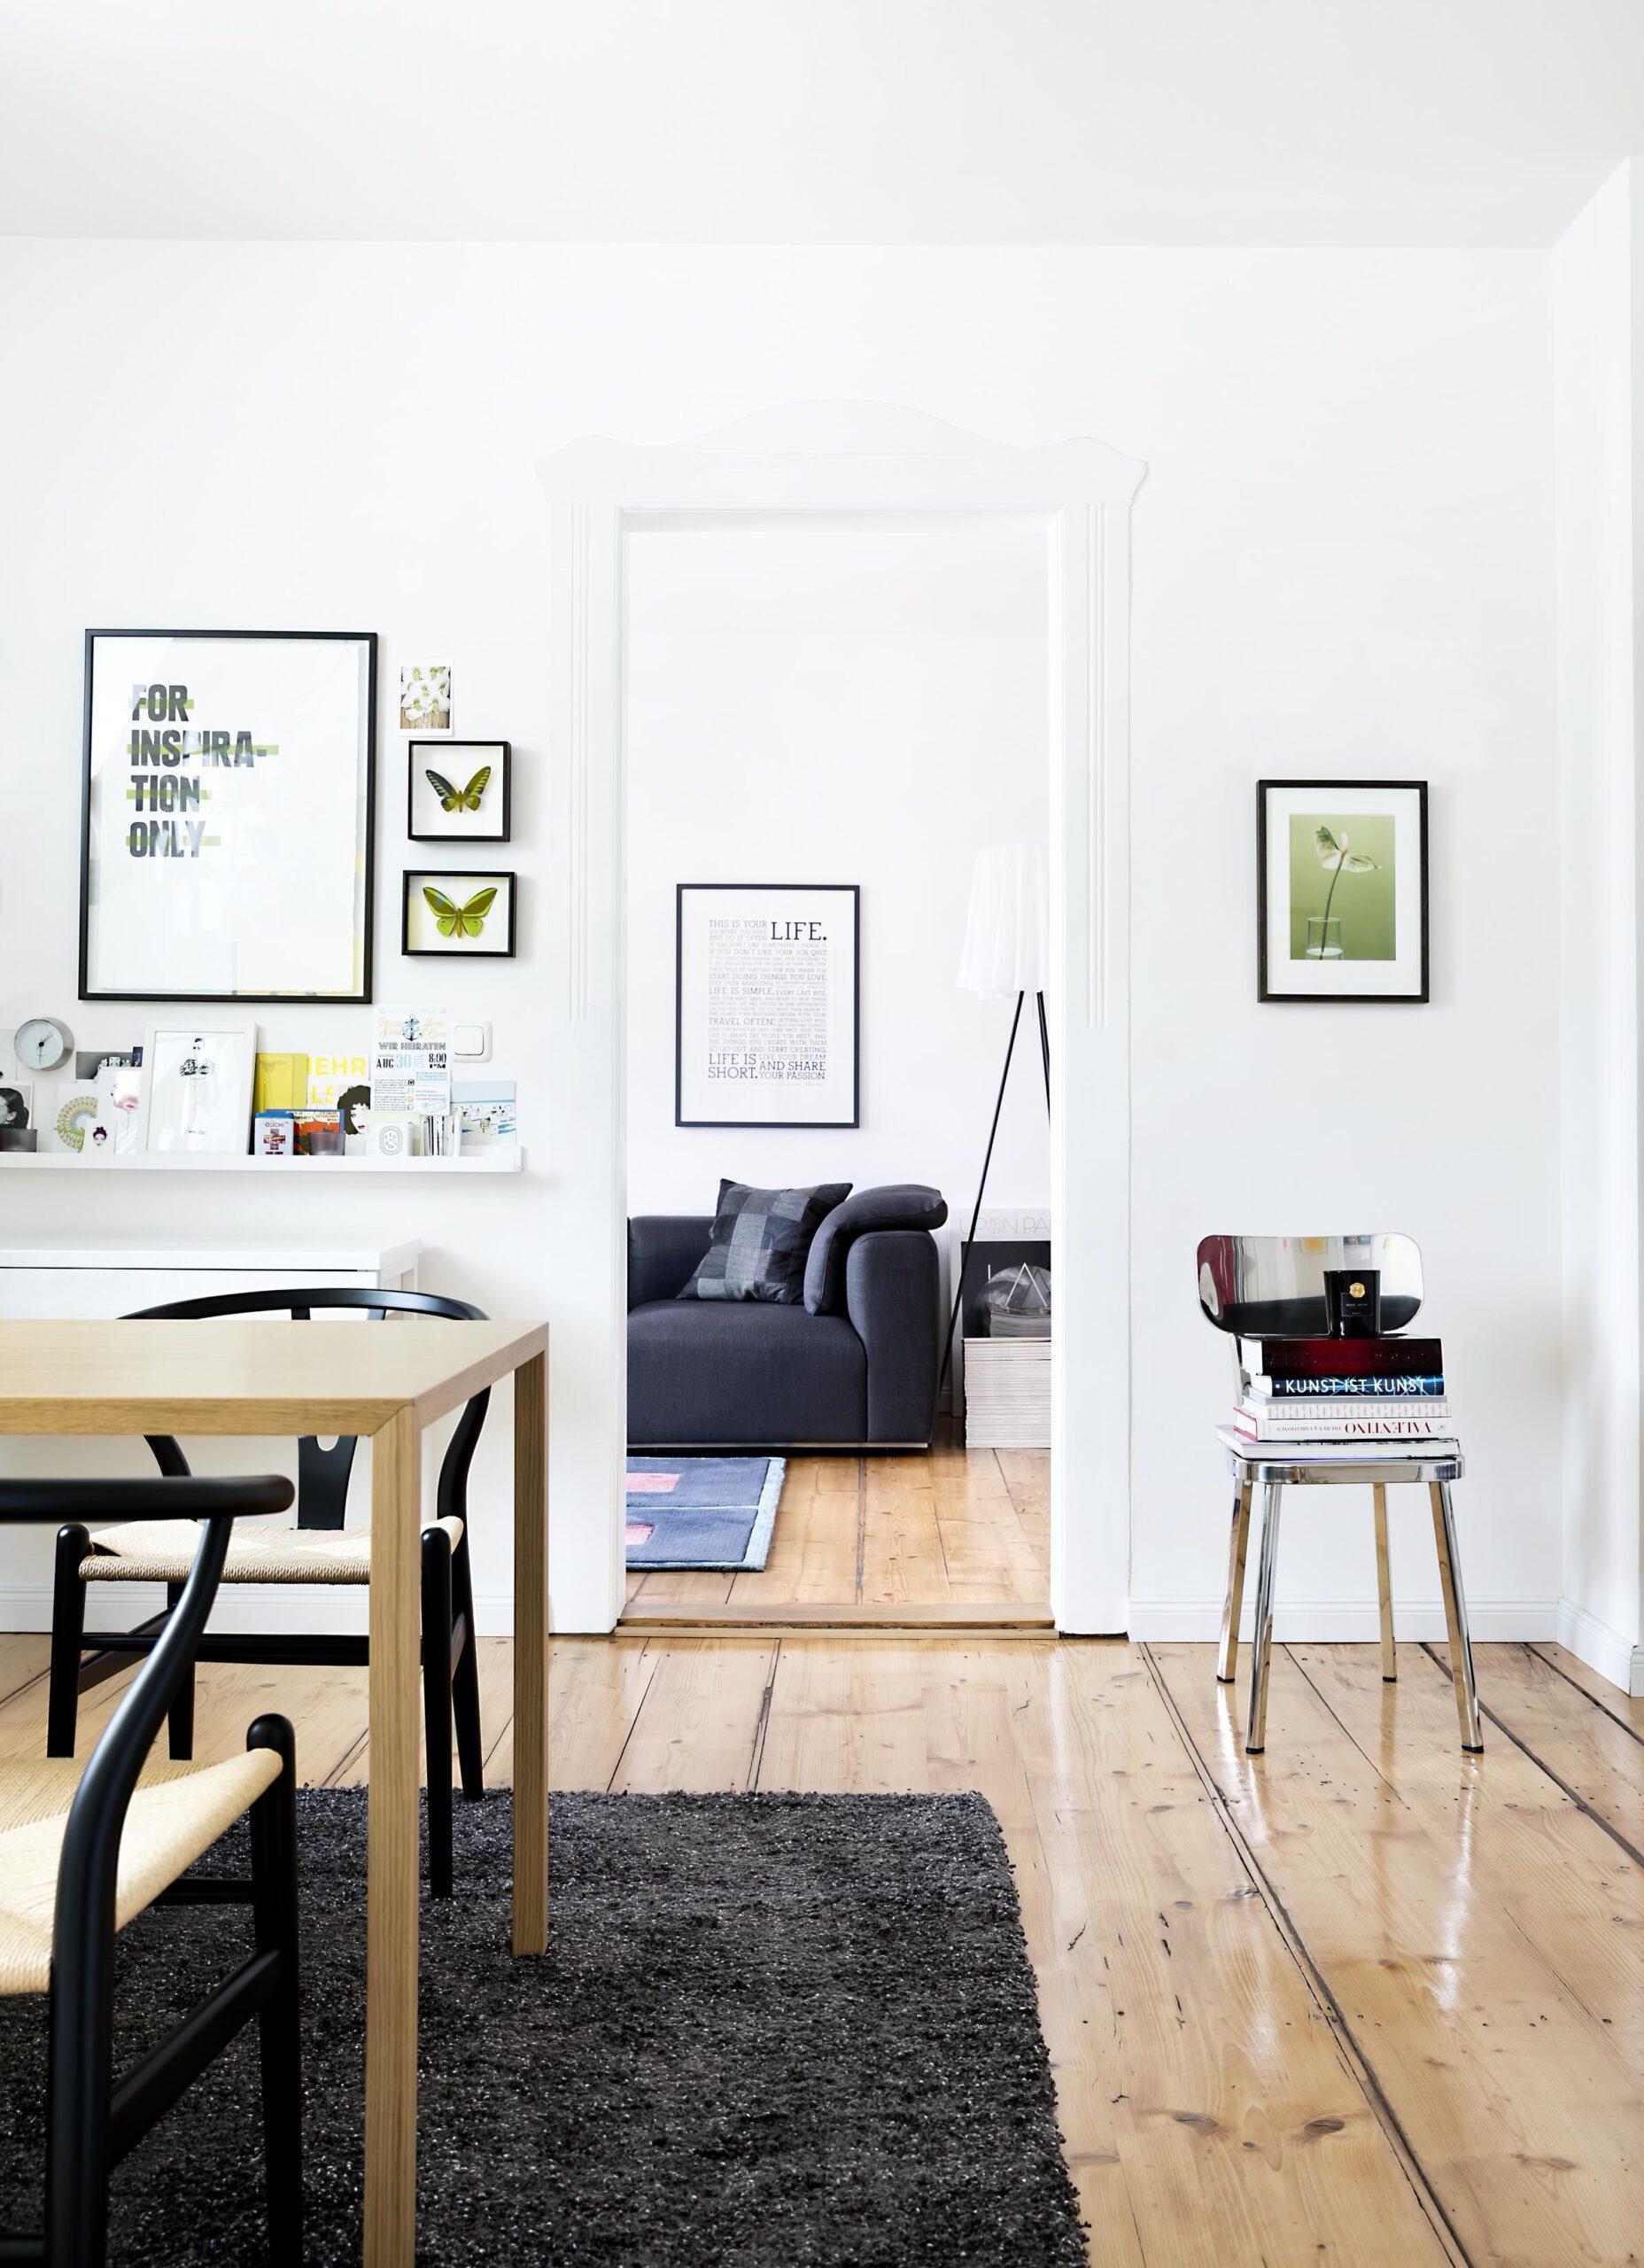 Full Size of Esszimmer Sofa 3 Sitzer Vintage Couch Leder Grau Sofabank Ikea Samt Landhausstil Modern Blick Vom Ins Wohnzimmer Altbau Fo Xxl Günstig Schilling Hülsta Blau Sofa Esszimmer Sofa